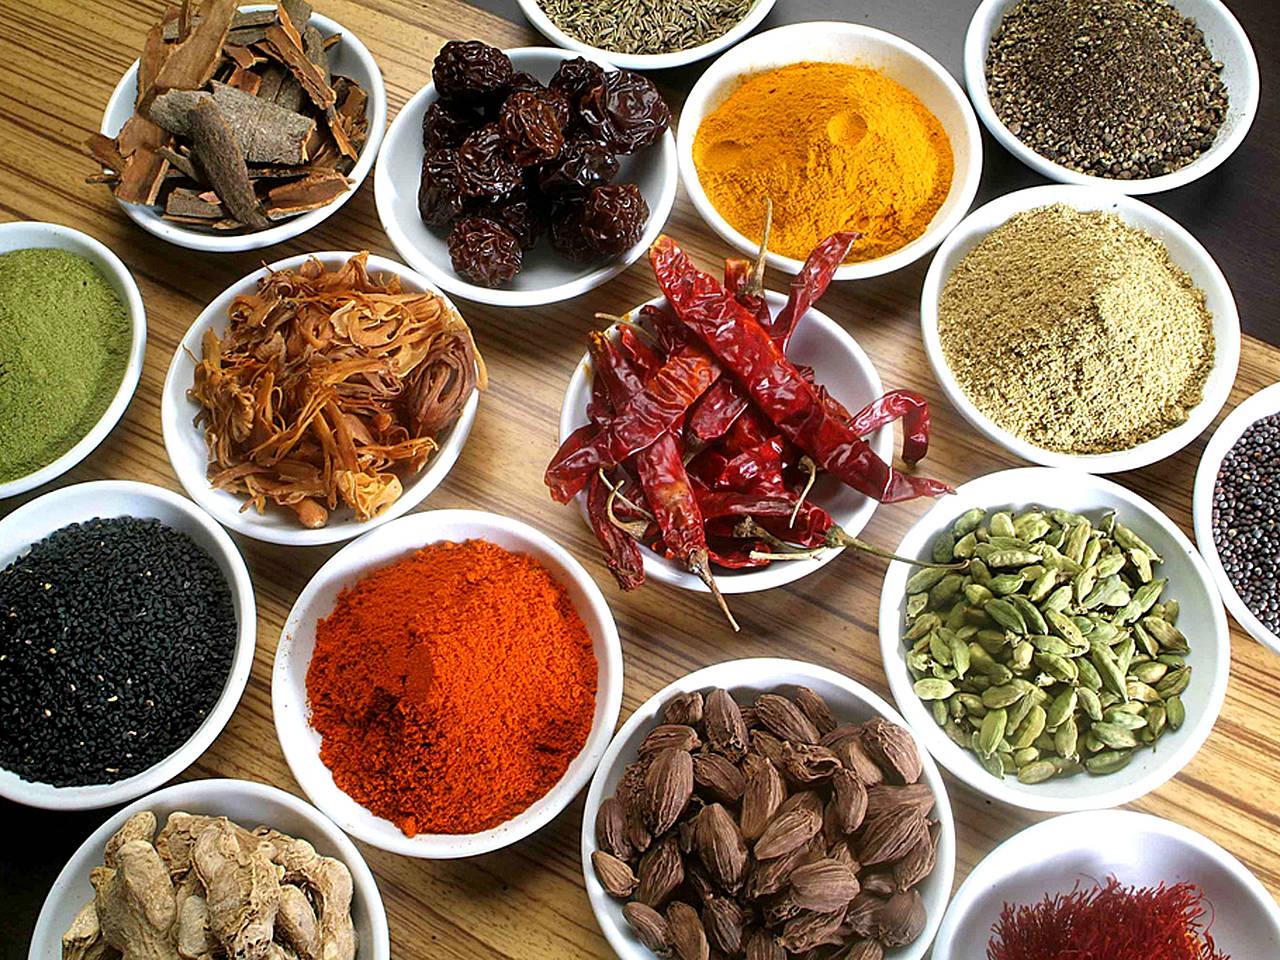 Balinesische Küche Fotos - Zusammenstellung aller Bali Bilder